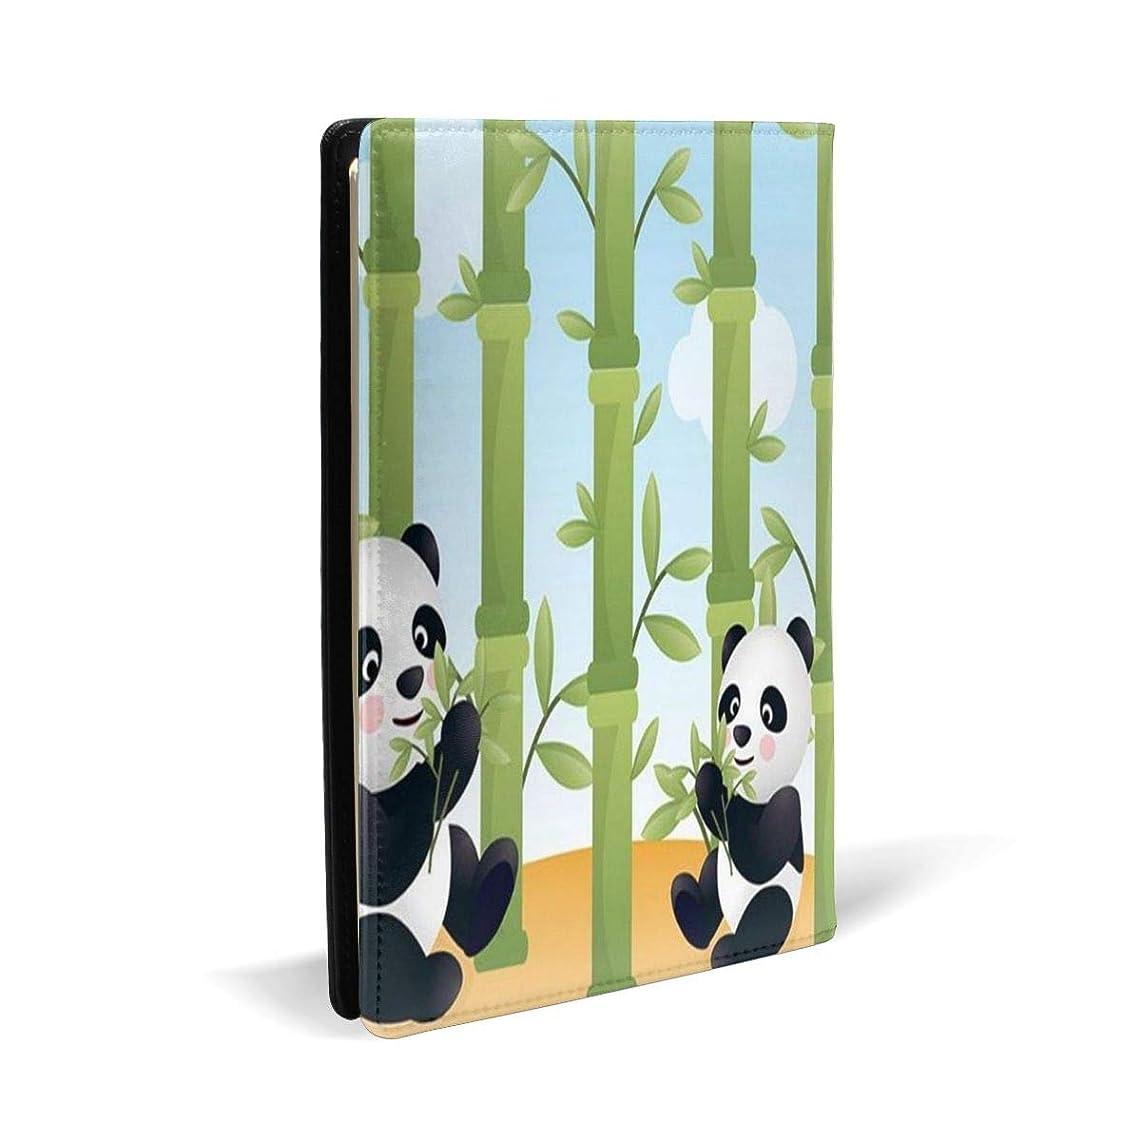 講義ジャンクションクロニクルブックカバー A5文庫カバー レザー皮革製カバー Two Panda柄 おしゃれ ファイル 資料 収納入れ オフィス用品